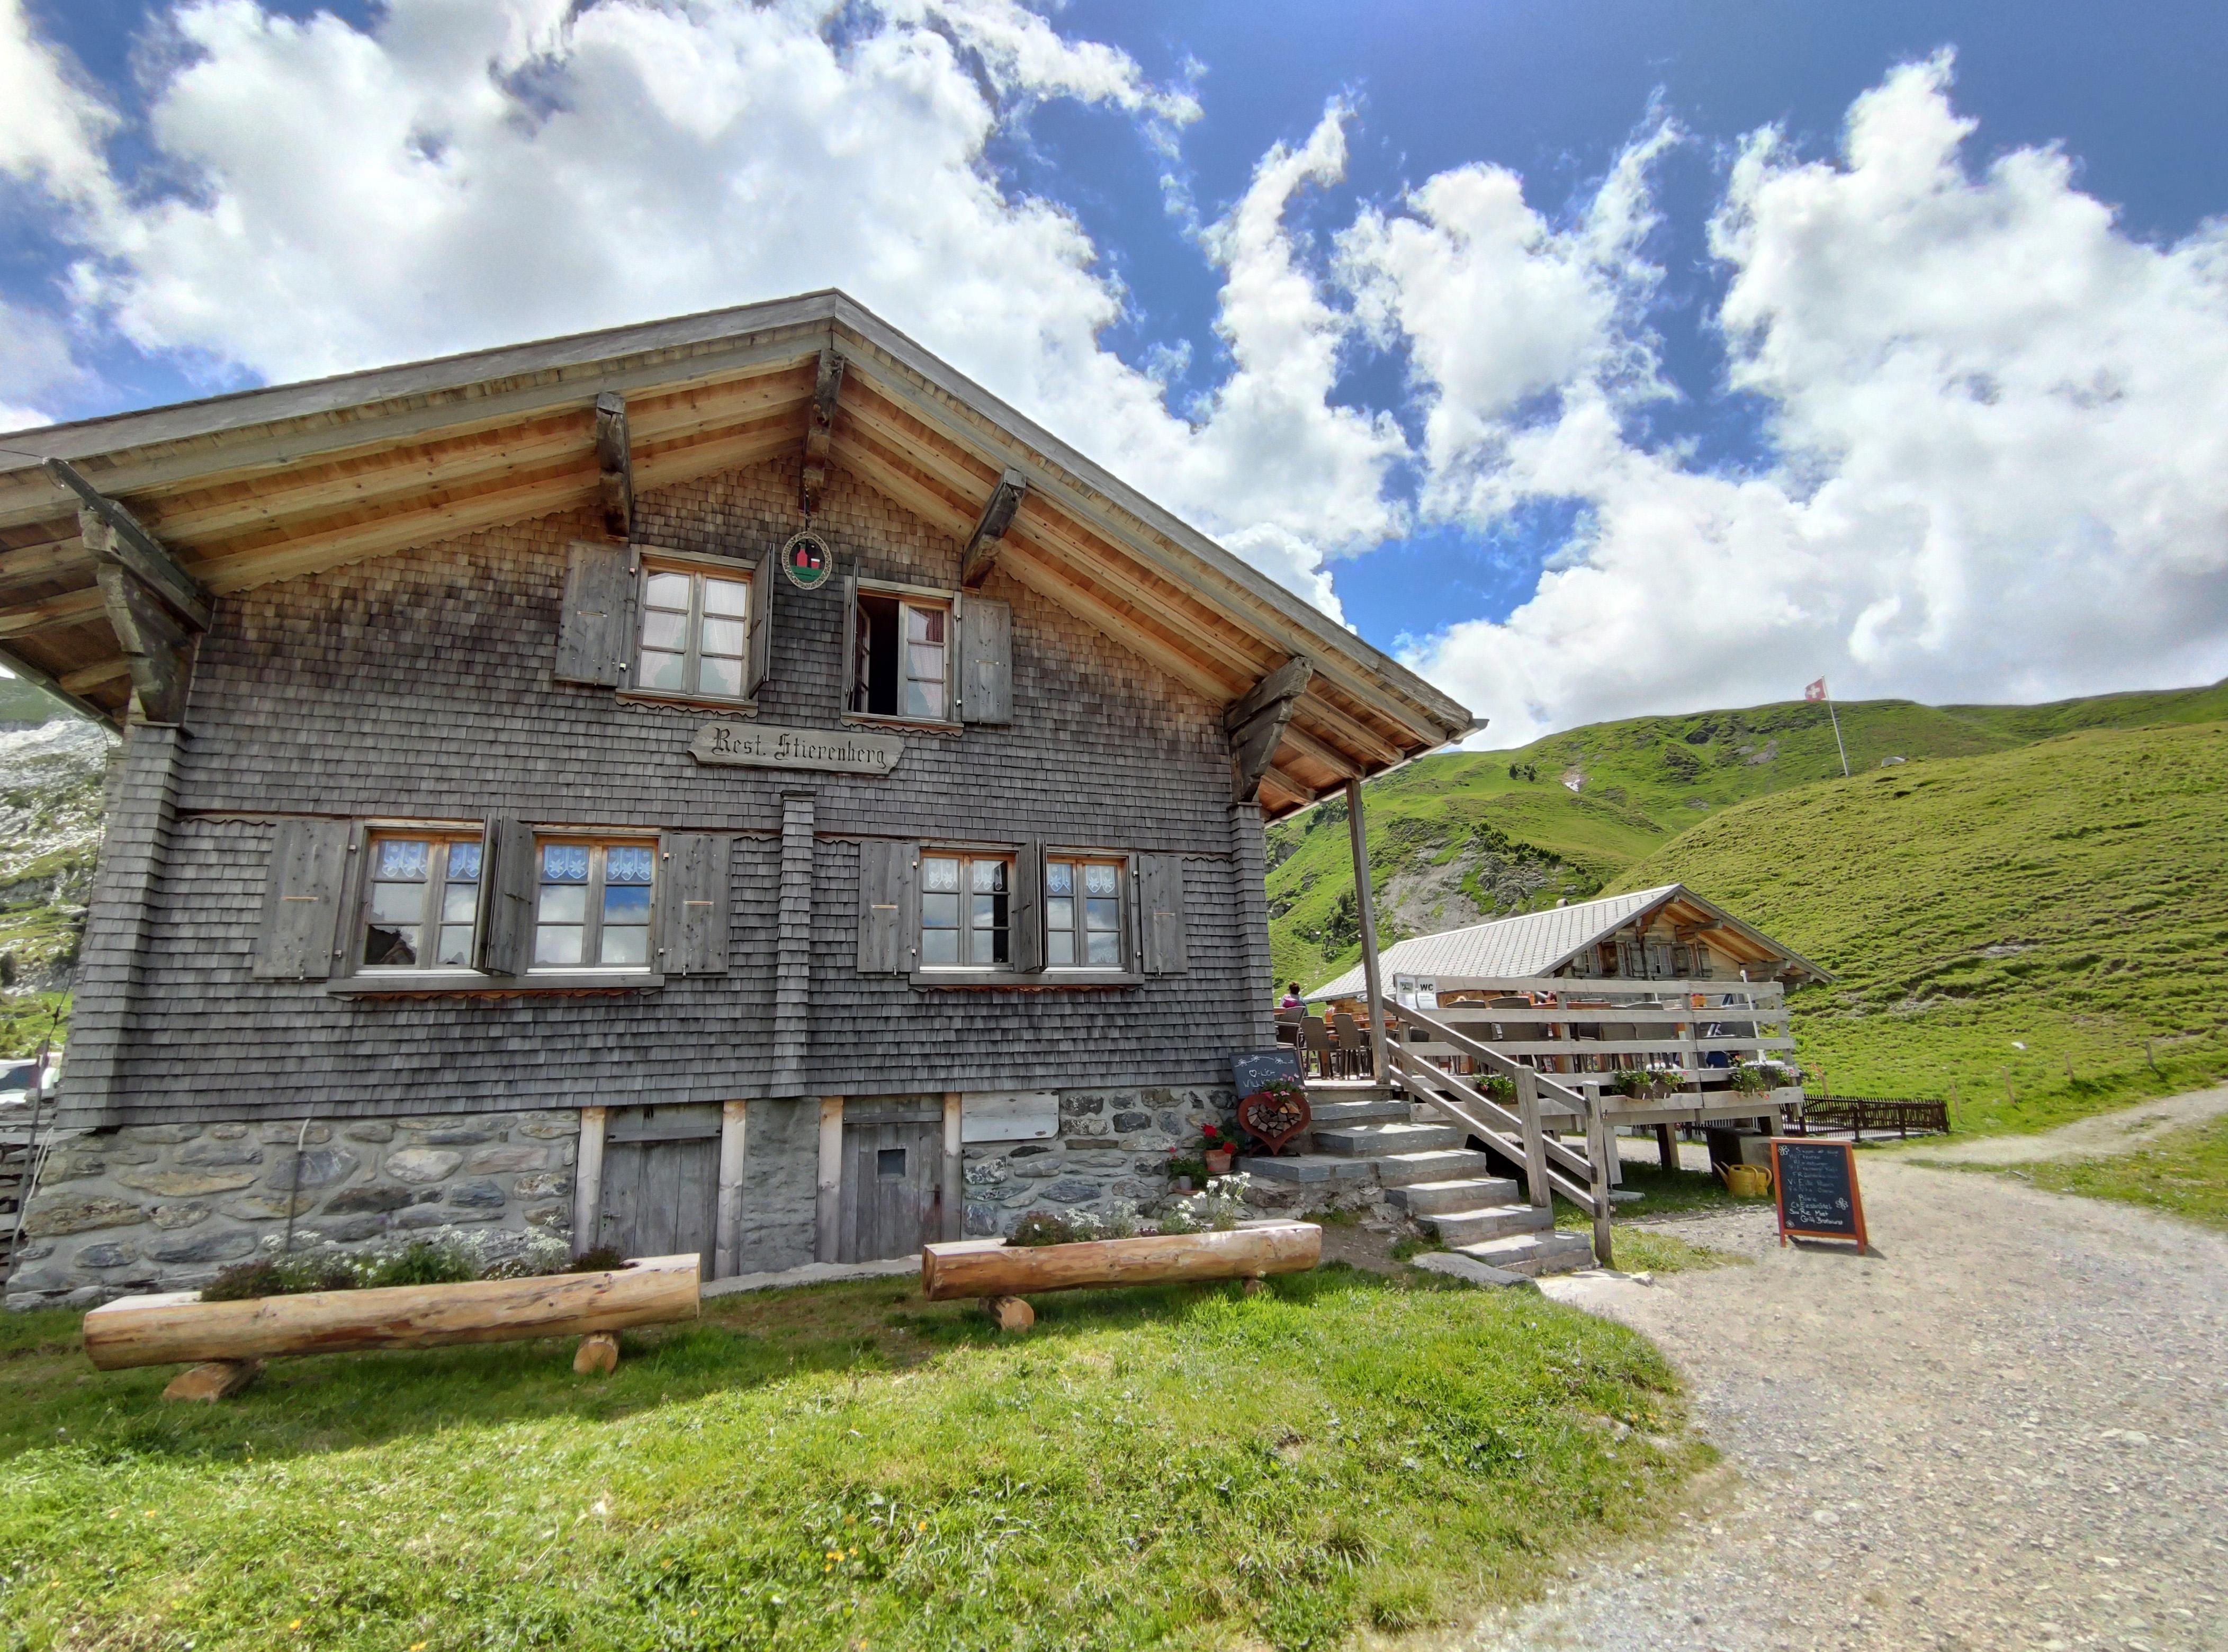 Berggasthaus Stierenberg